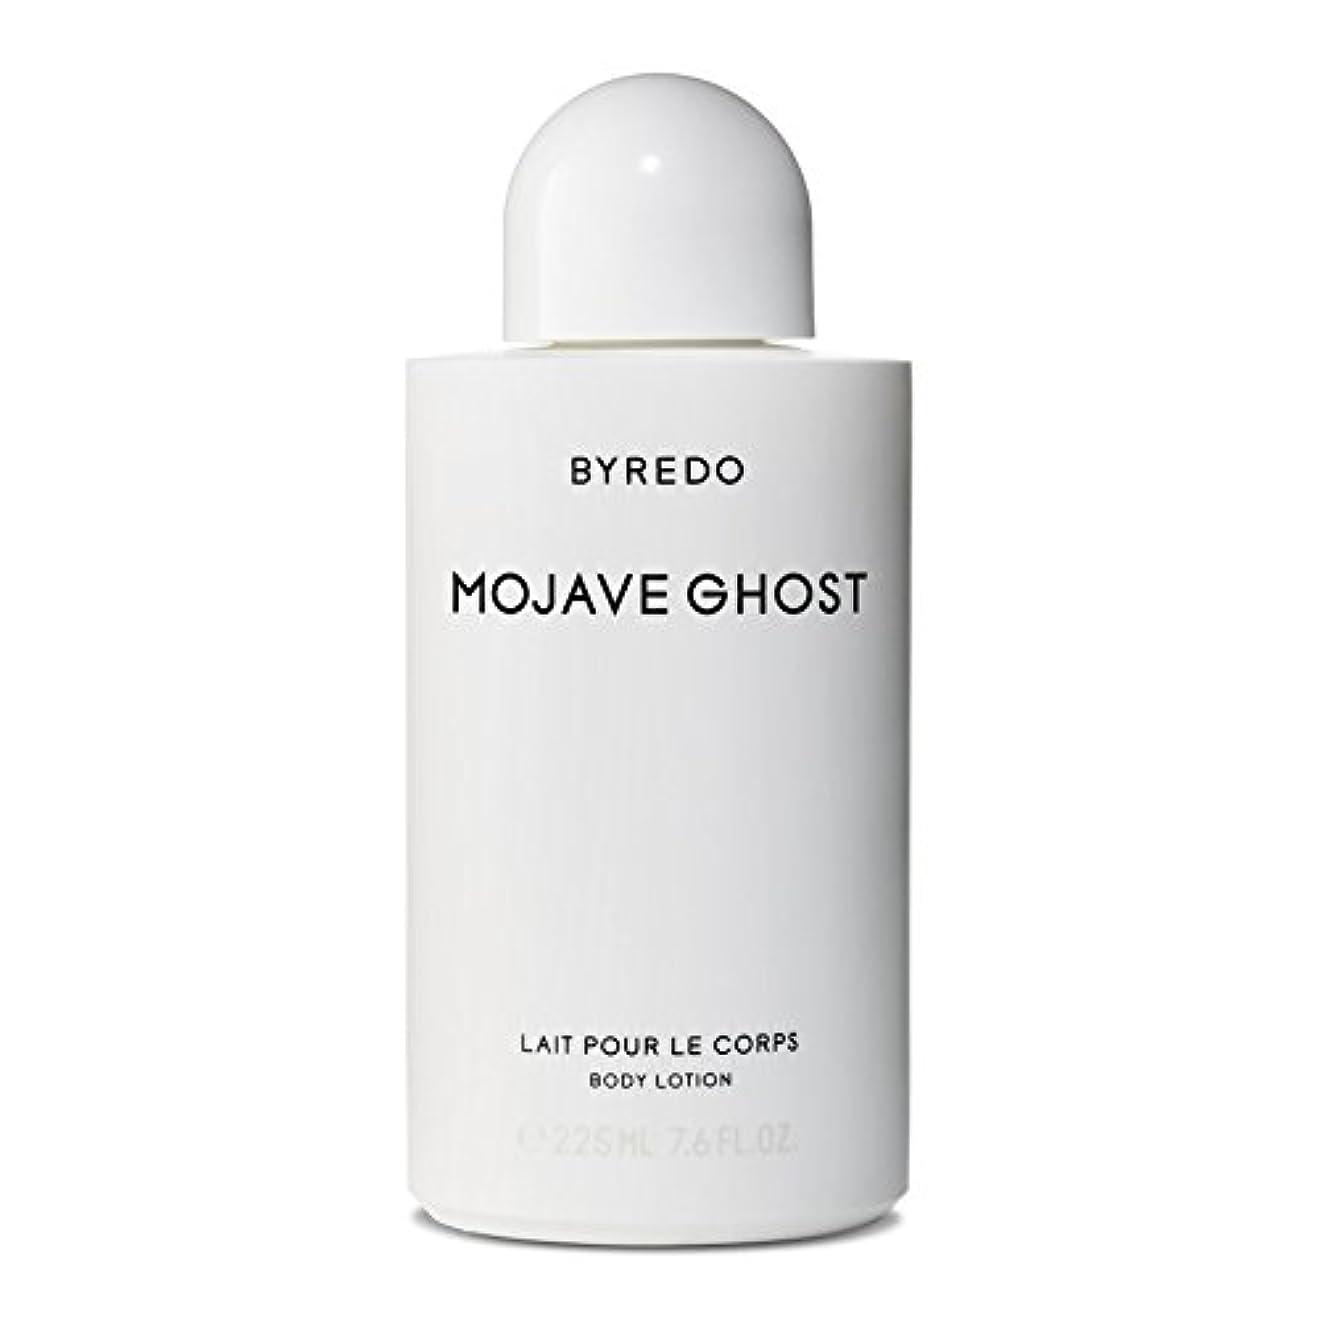 自発反映する気難しいByredo Mojave Ghost Body Lotion - モハーベゴーストボディローション [並行輸入品]